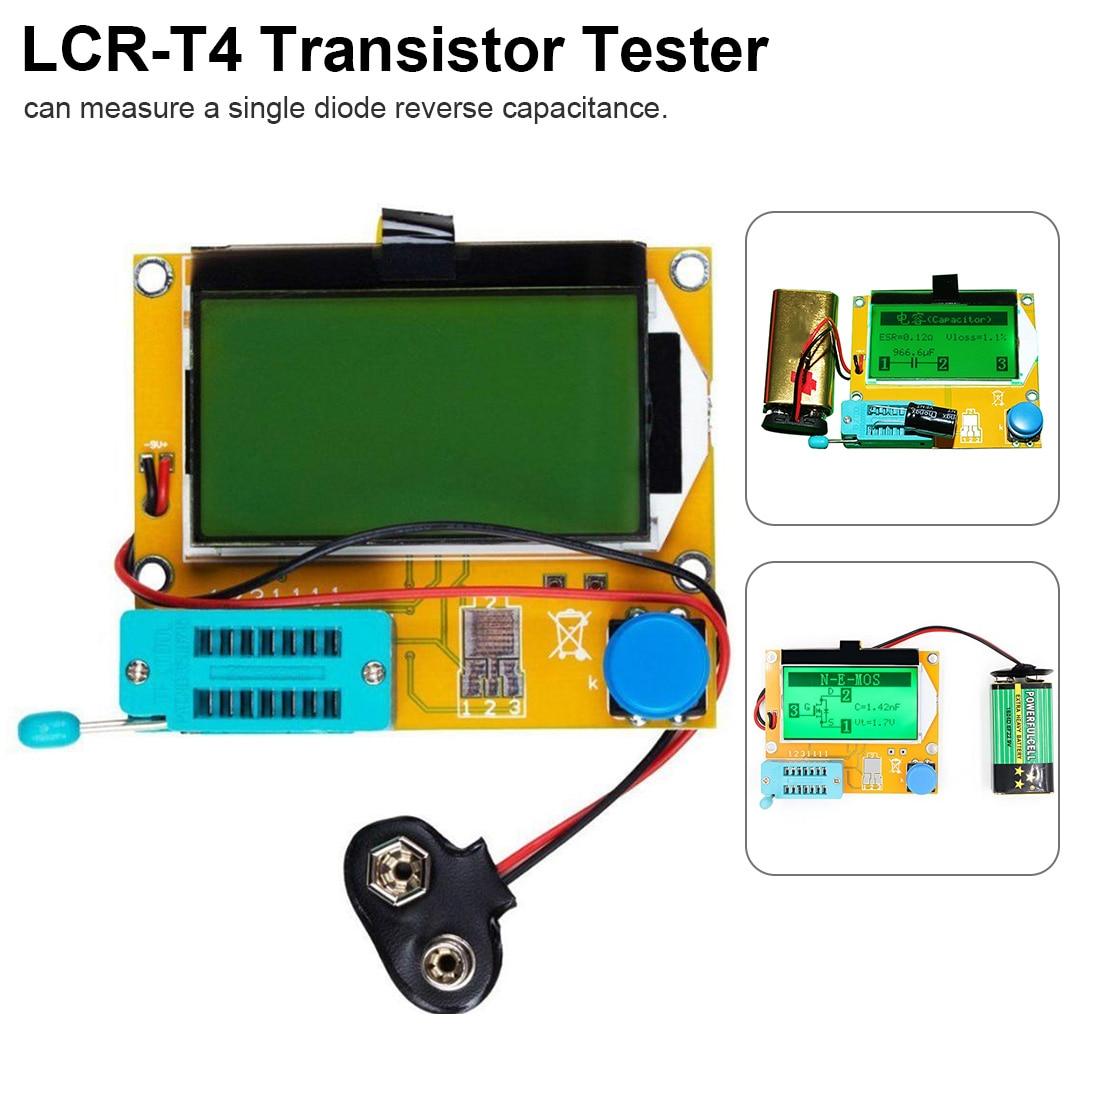 Измеритель ESR тестер транзисторов Цифровой LCR Mega328 V2.68 ESR-T4 диодный Триод Емкость MOS/PNP/NPN LCR 12864 ЖК-экран тестер